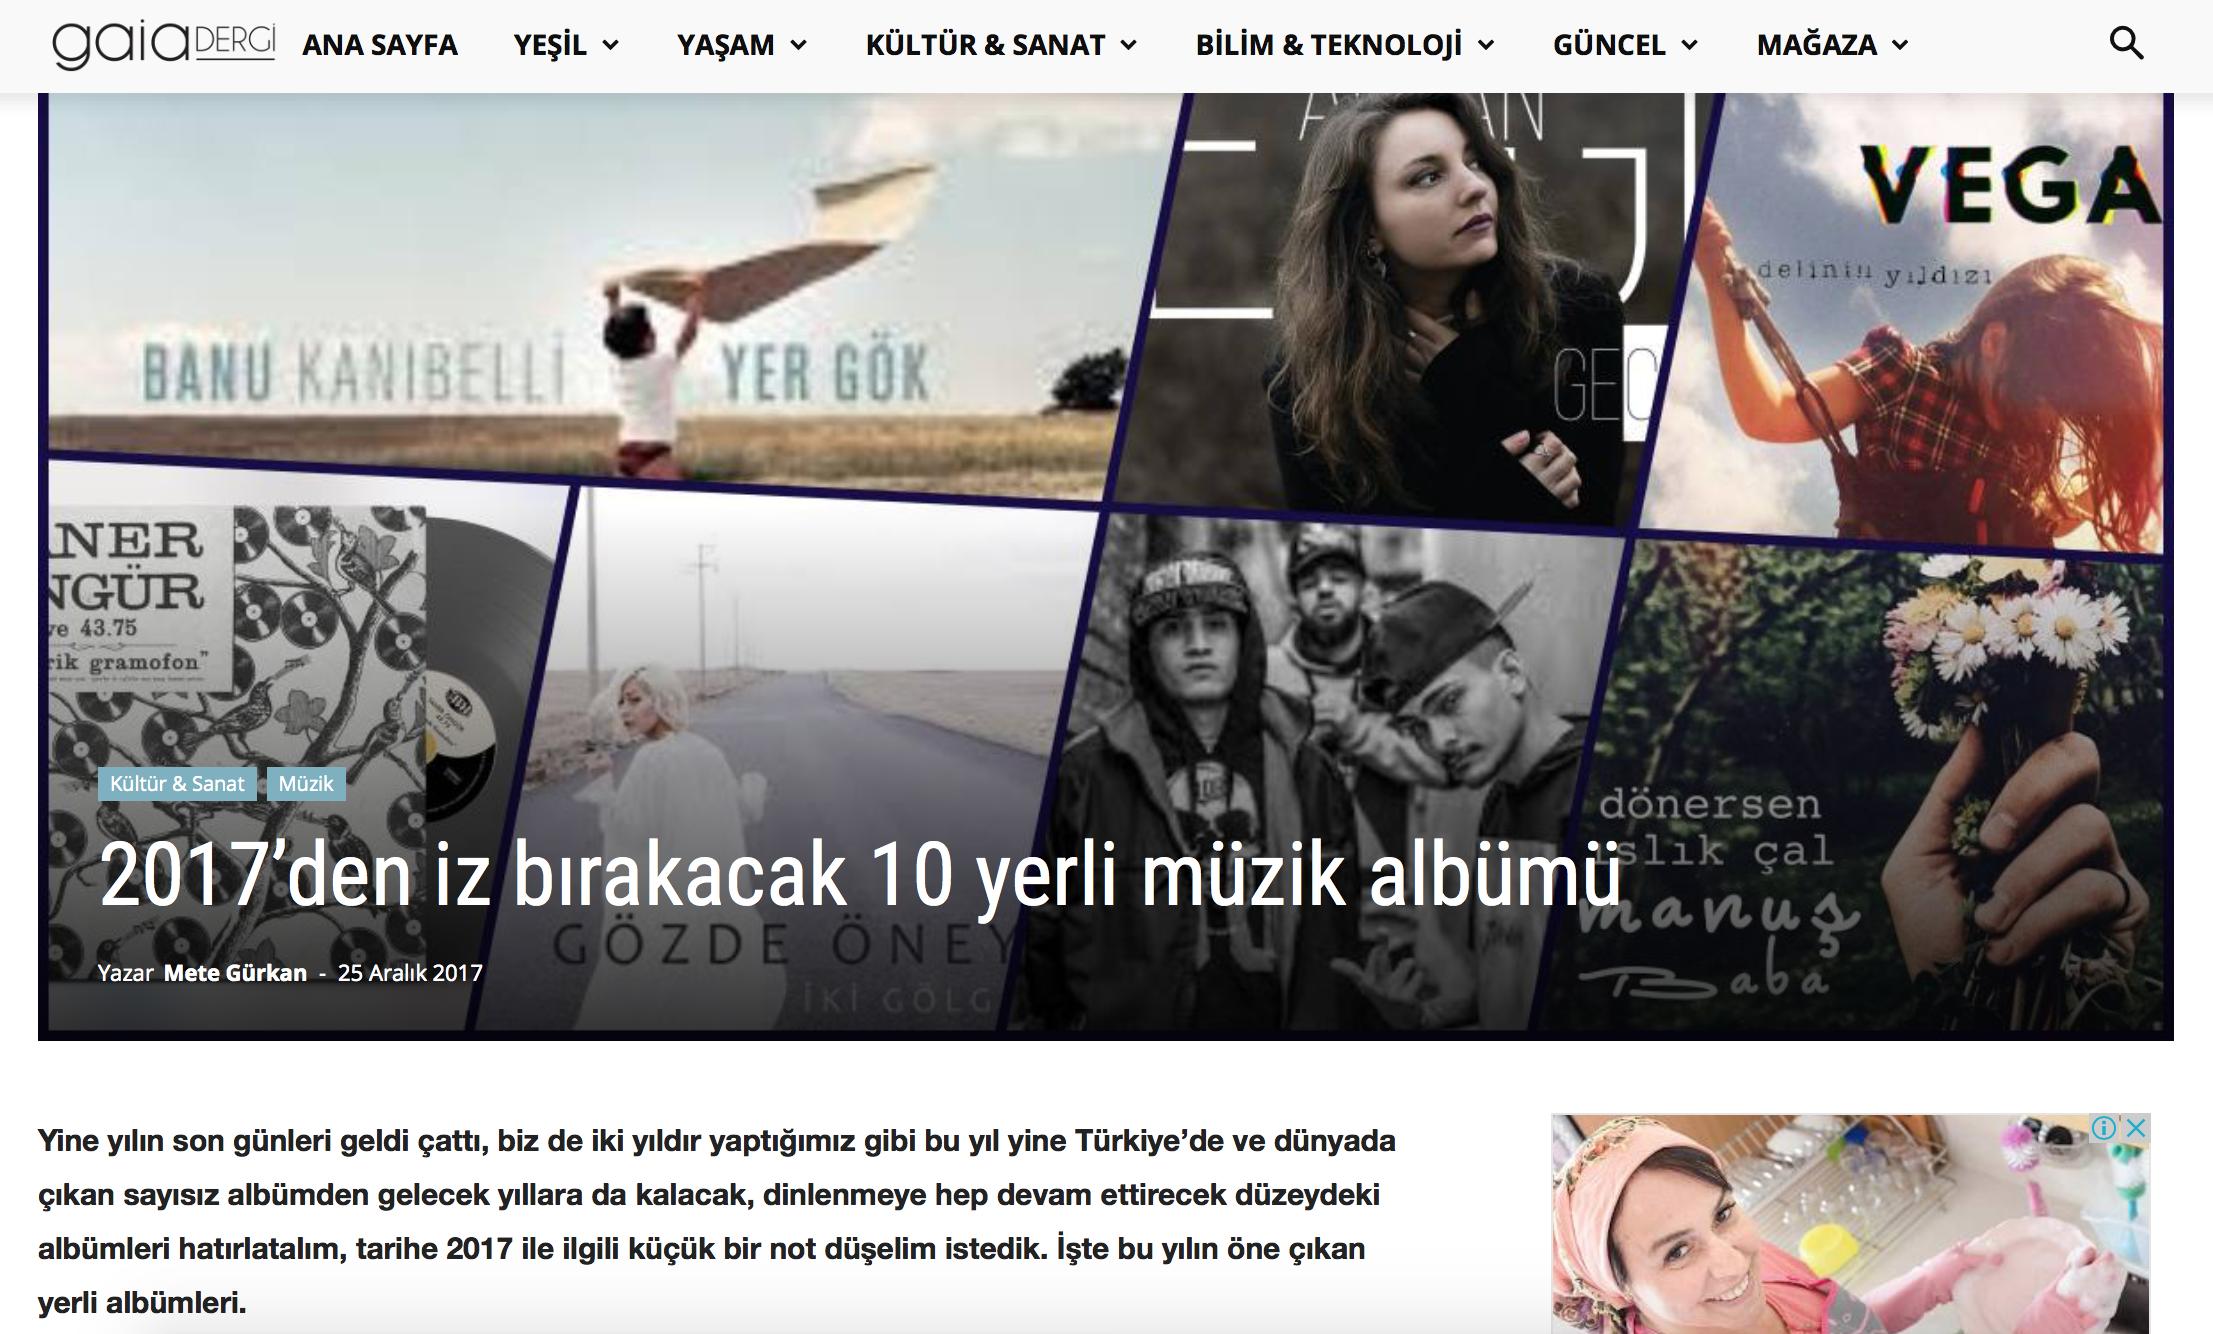 Mete Gürkan, Gaia Dergi 25.12.2017